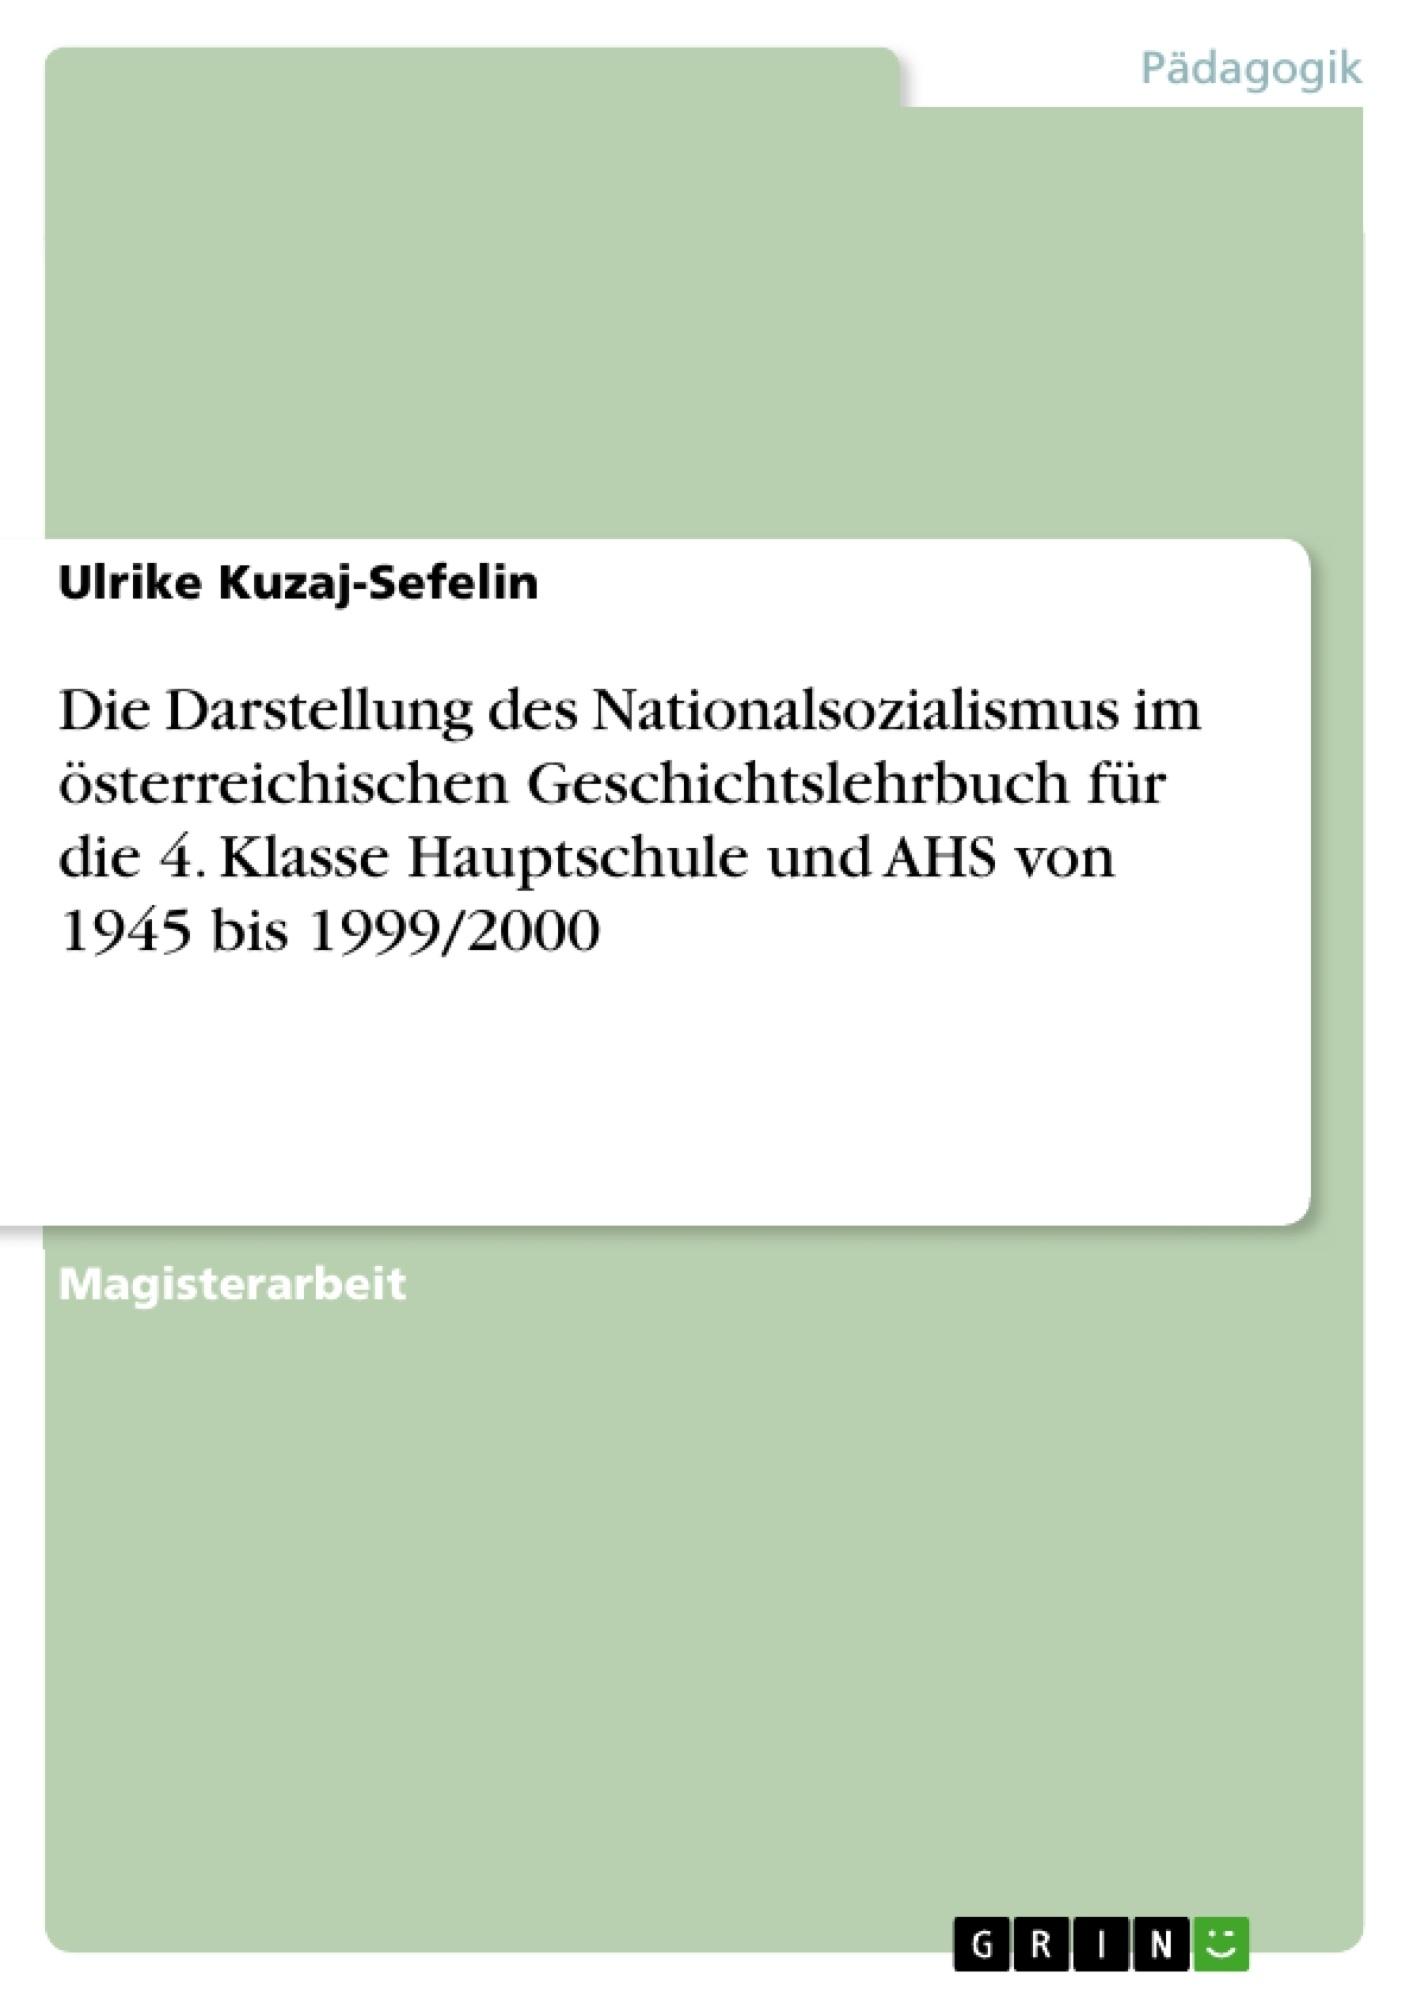 Titel: Die Darstellung des Nationalsozialismus im österreichischen Geschichtslehrbuch für die 4. Klasse Hauptschule und AHS von 1945 bis 1999/2000